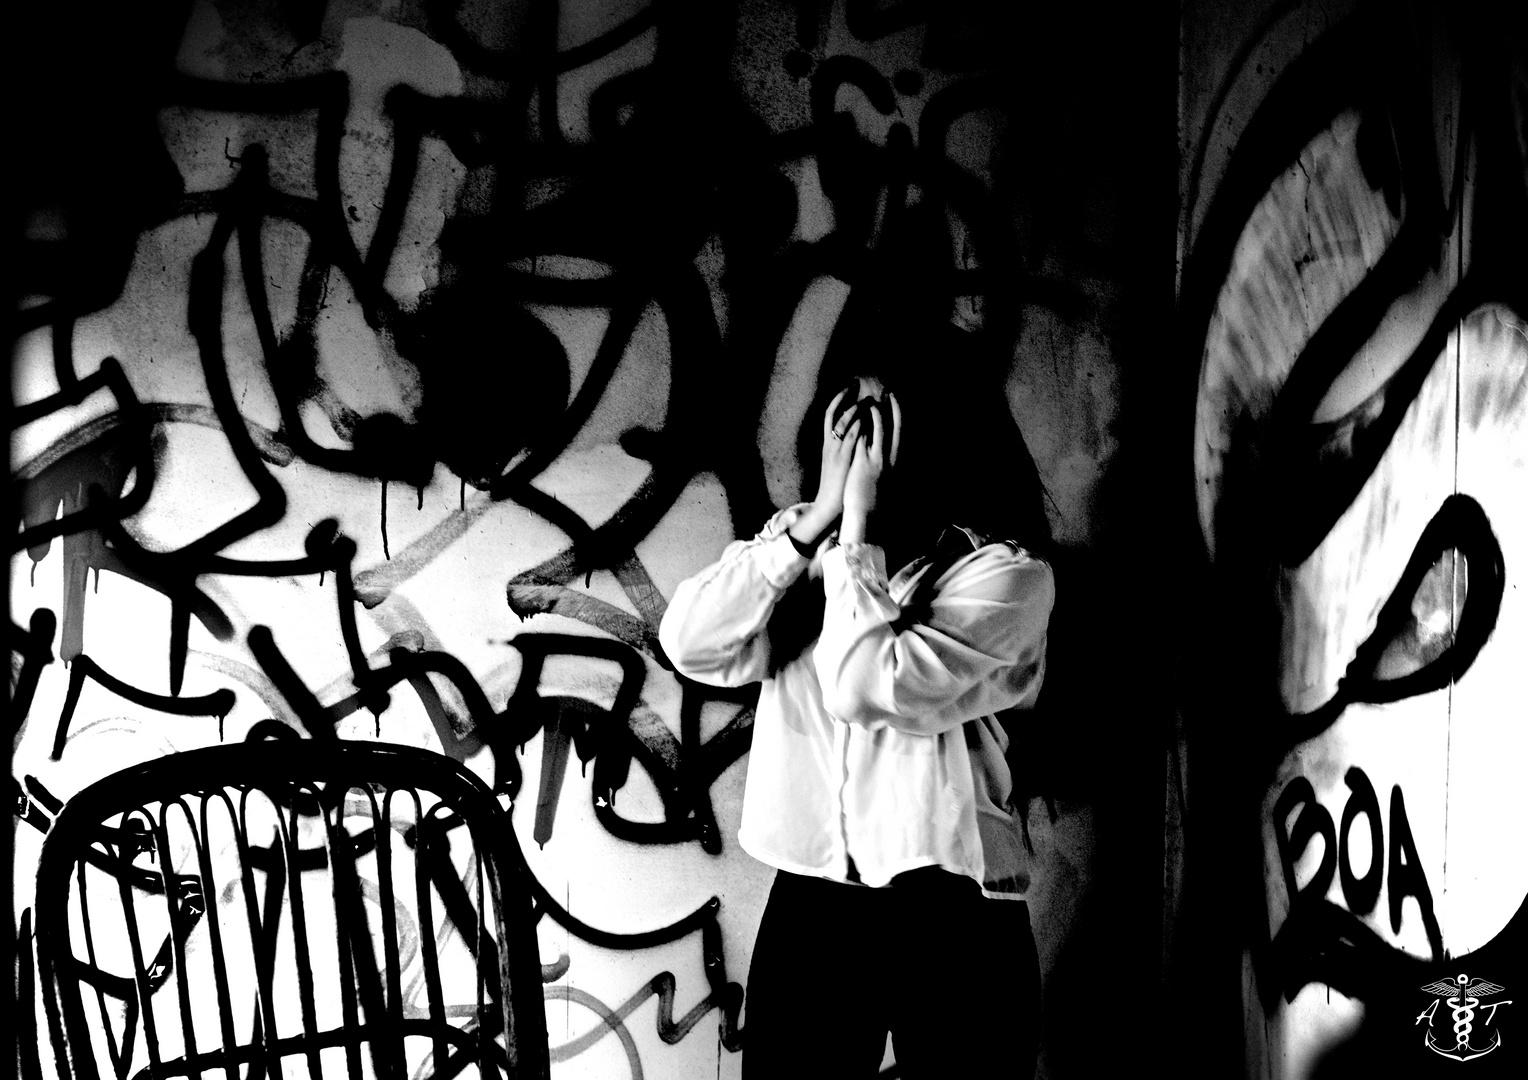 Into Graffiti